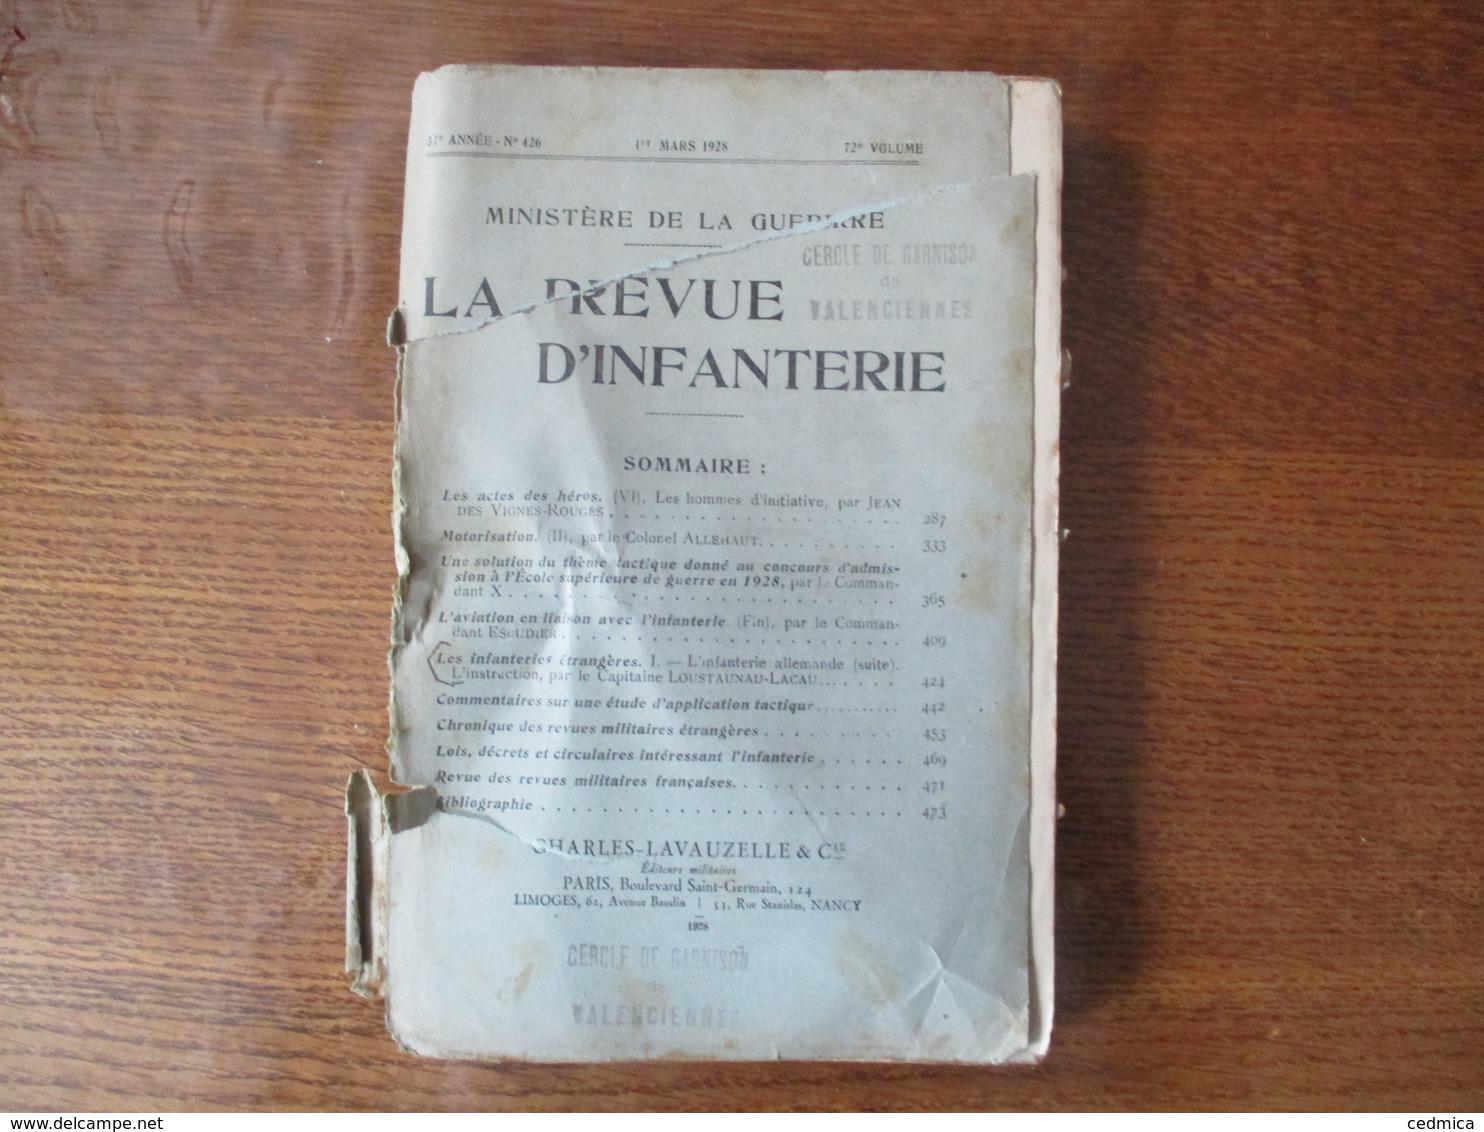 MINISTERE DE LA GUERRE LA REVUE D'INFANTERIE 1er MARS 1928 N°426 CARTES ,SOMMAIRE... - Livres